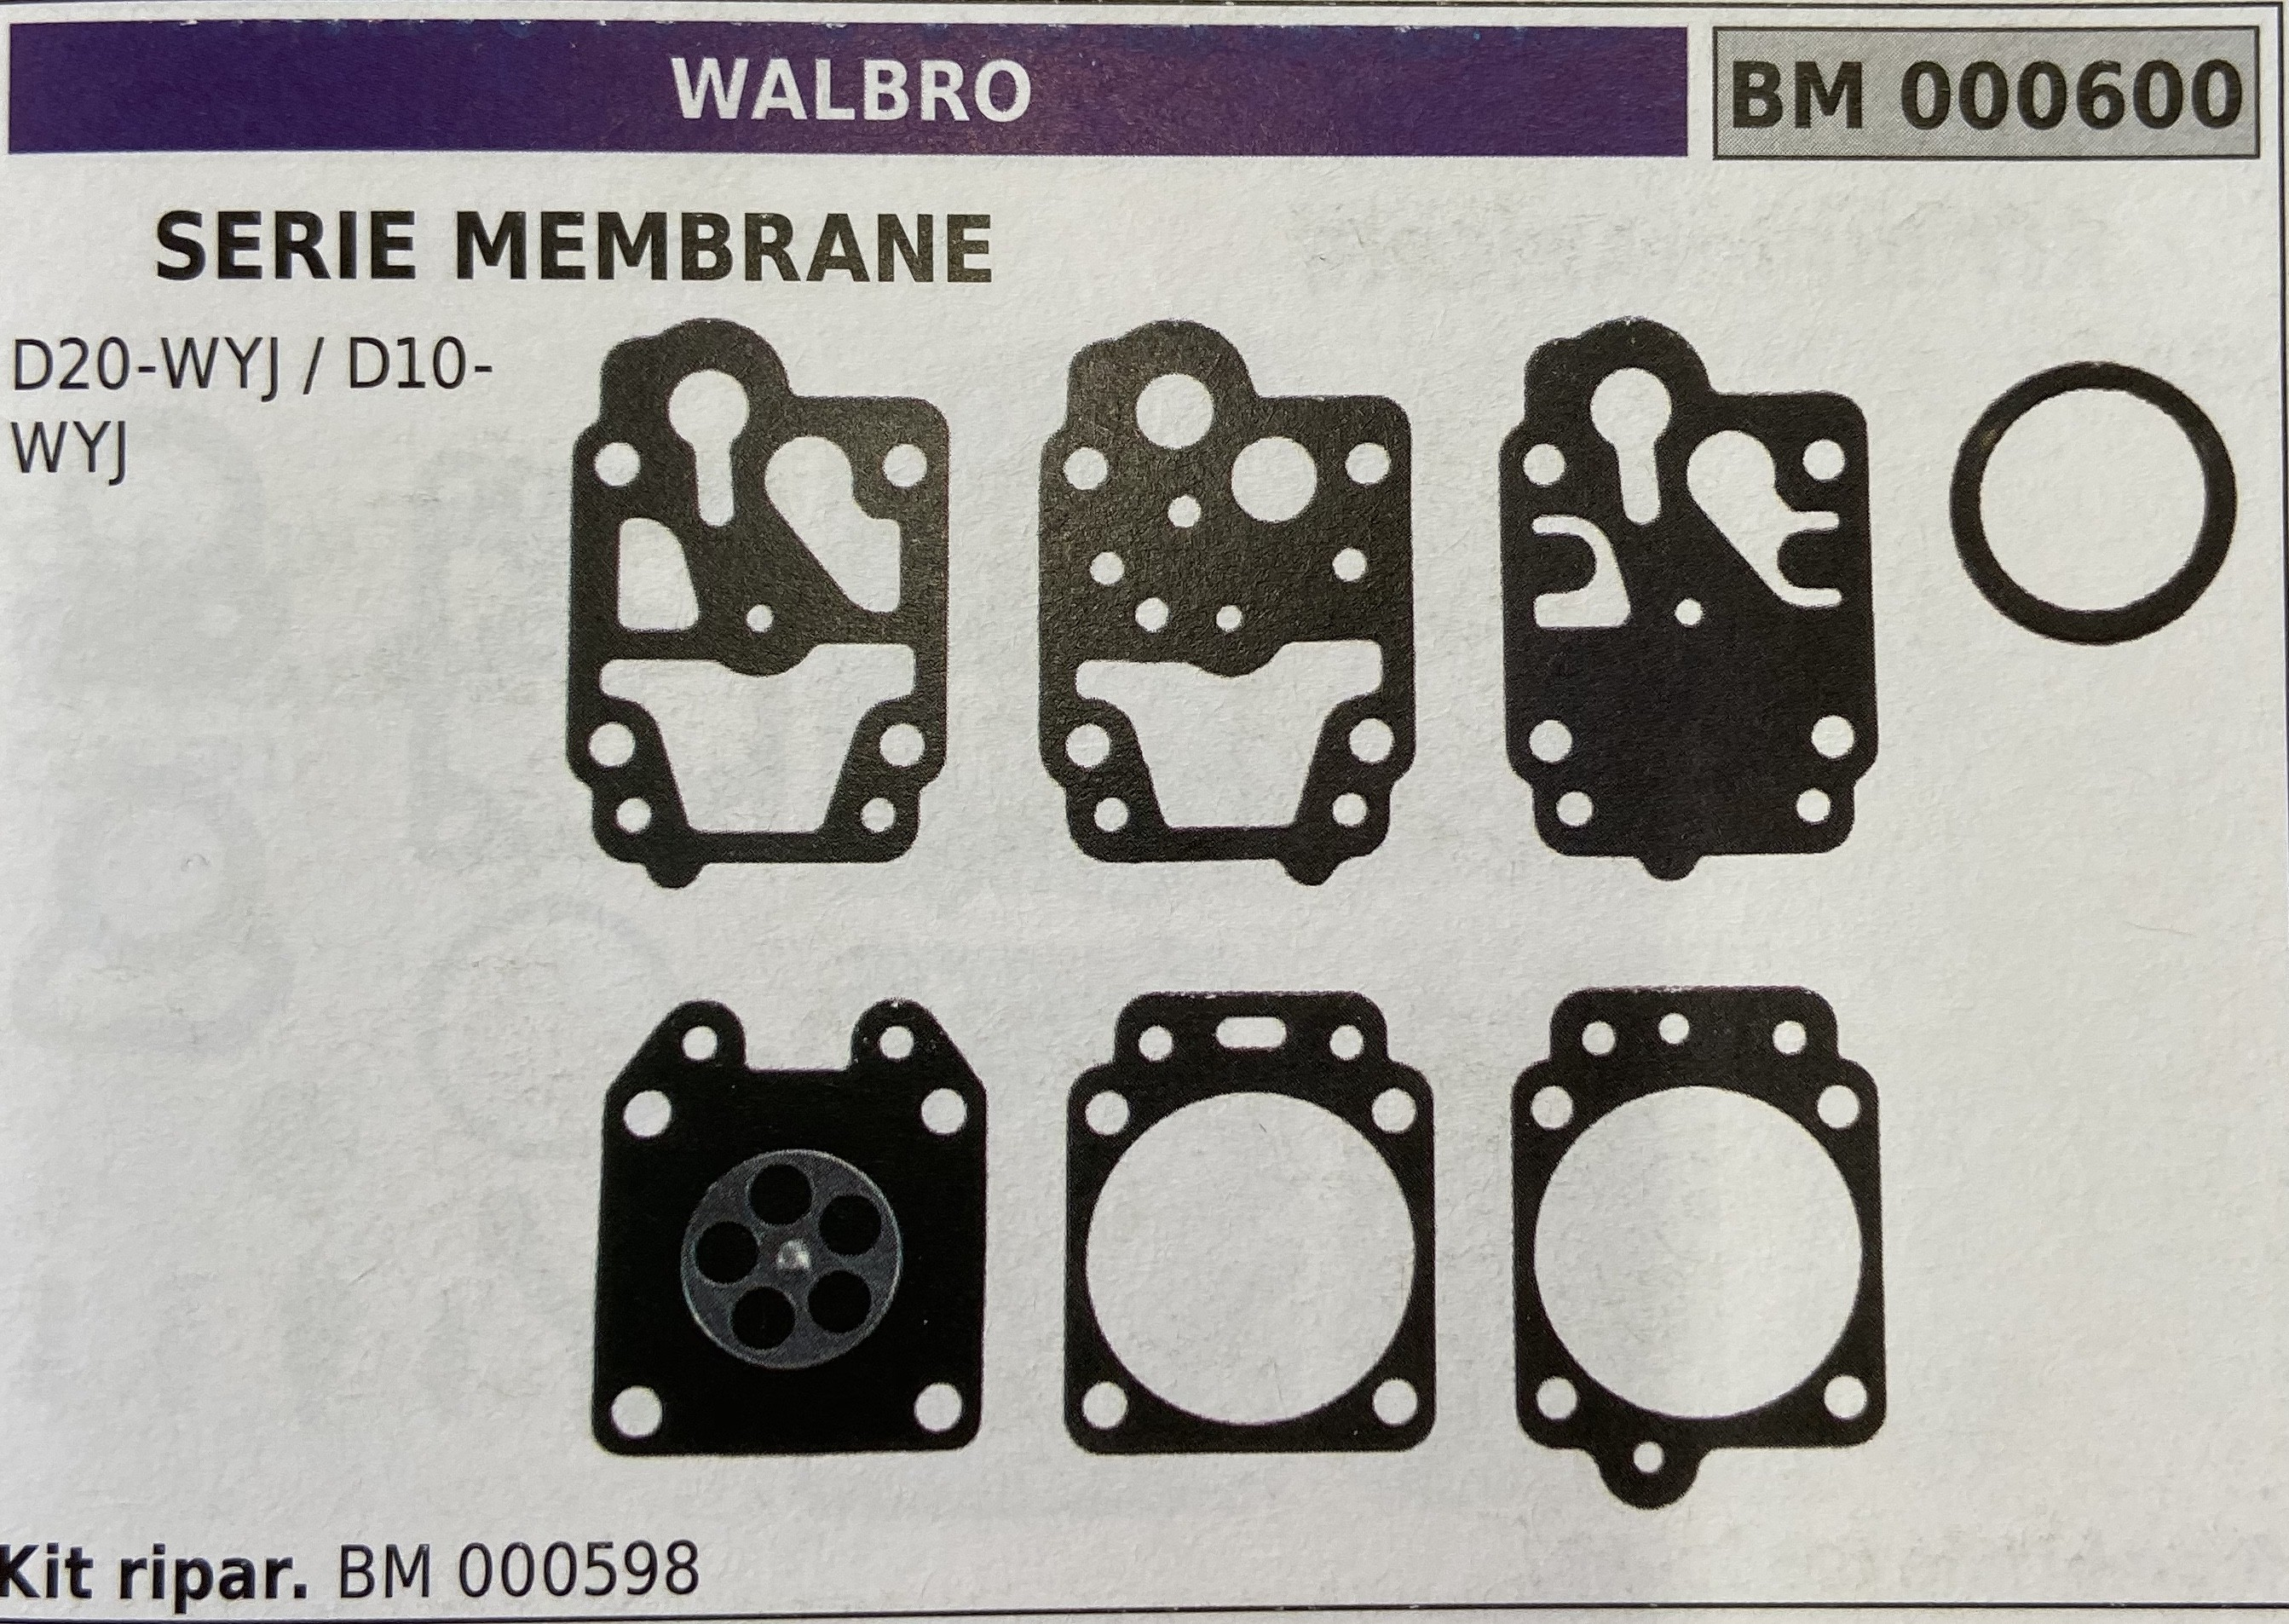 BRUMAR MEMBRANA/KIT RIPARAZIONE WALBRO  SERIE MEMBRANE D20-WYJ / D10-WYJ  Kit ripar. BM 000598